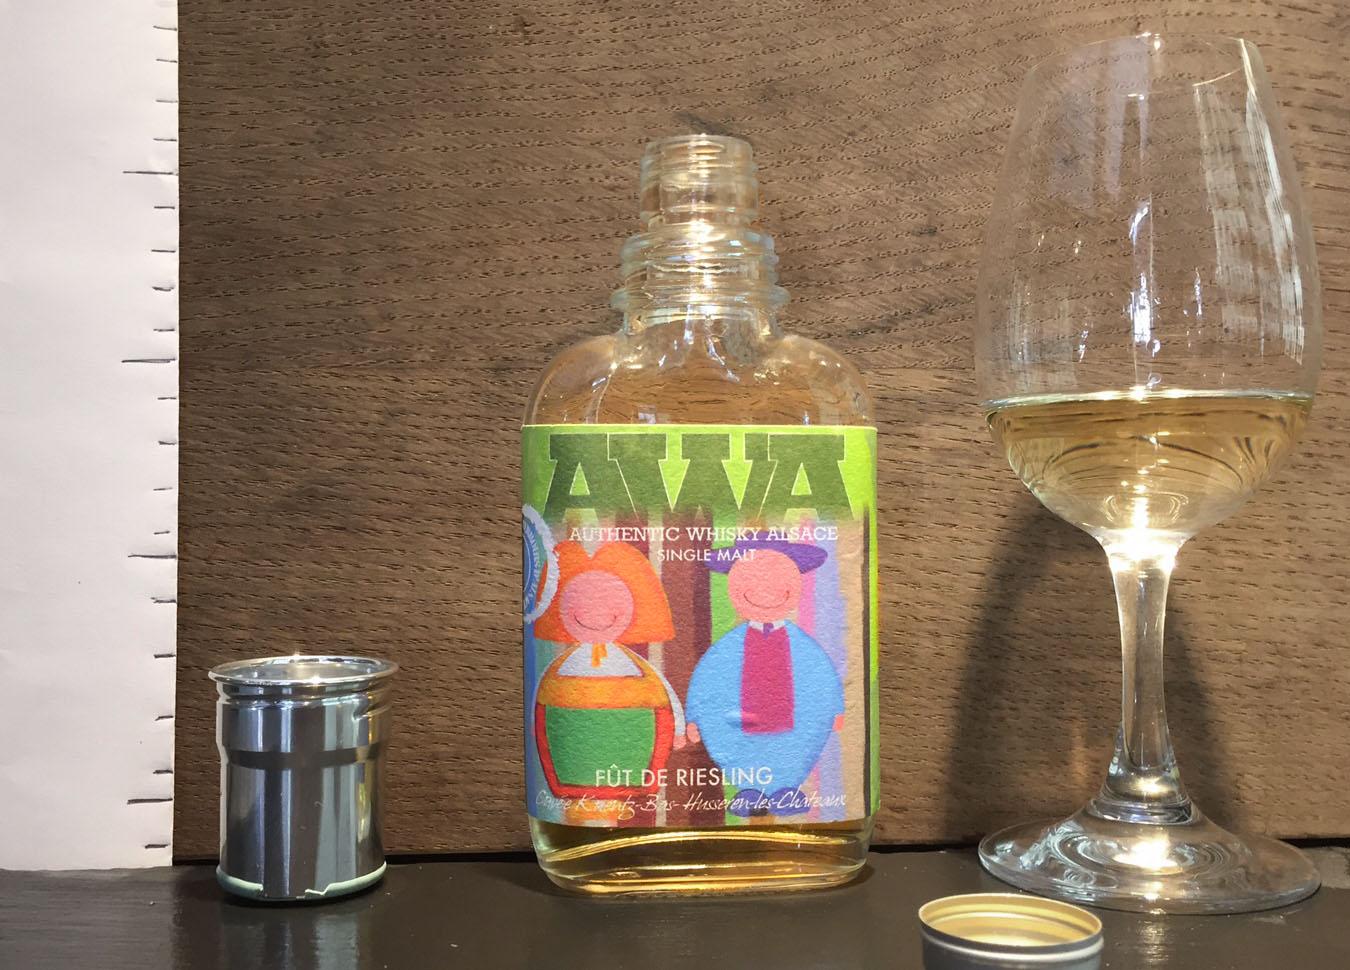 AWA fût de Riesling, fût de chêne second remplissage, fûts de Riesling, Authentic Whisky Alsace, Dennis Hanns, whisky Français, French whisky, embouteilleur indépendant, malt, Hepp.